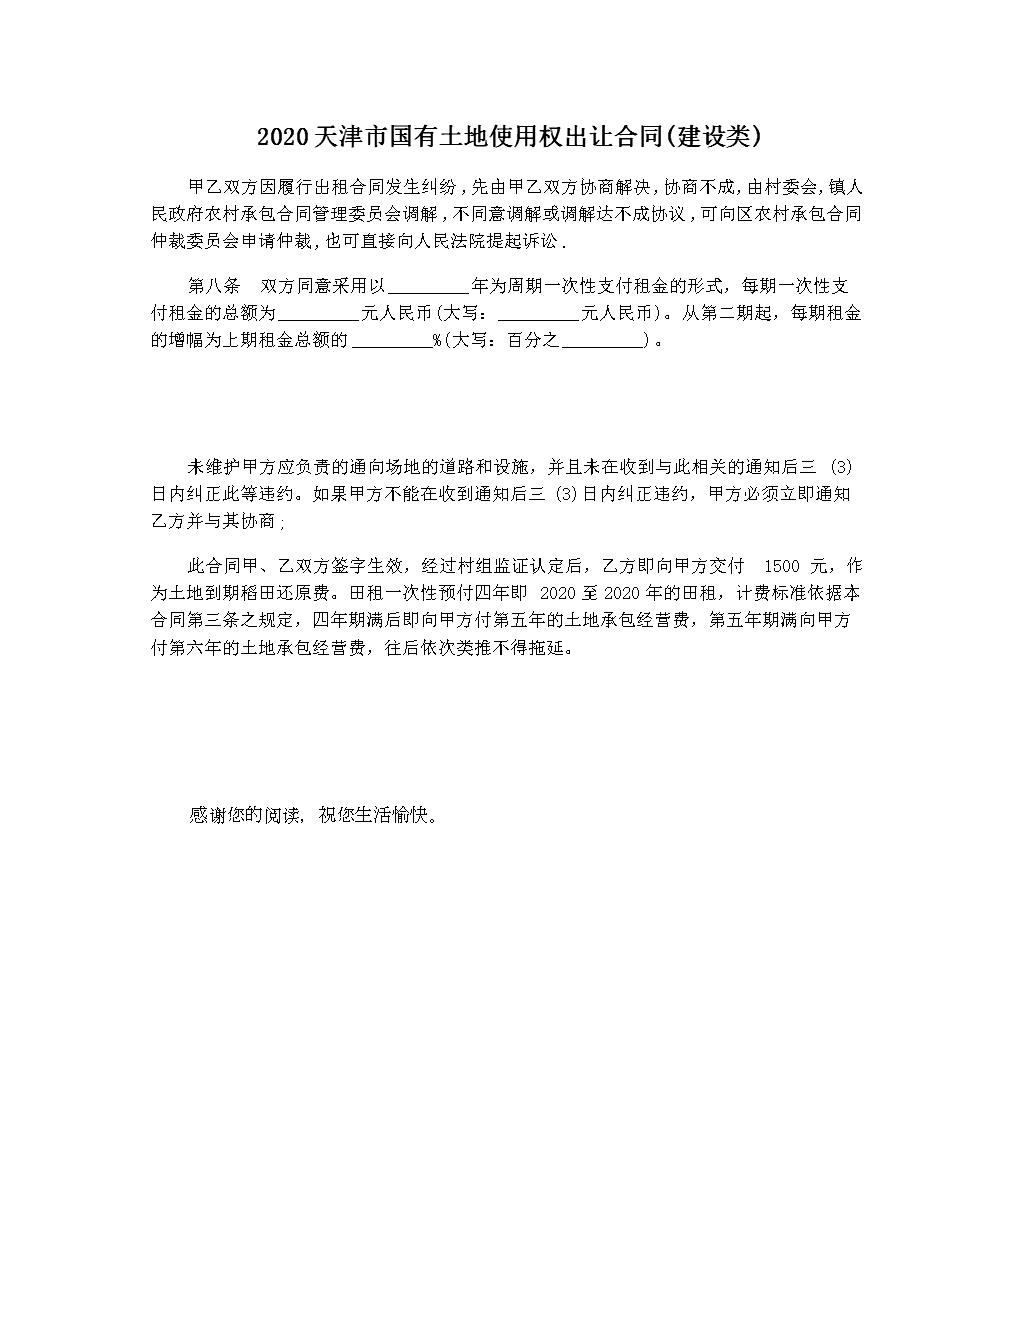 2020天津市国有土地使用权出让合同(建设类).docx